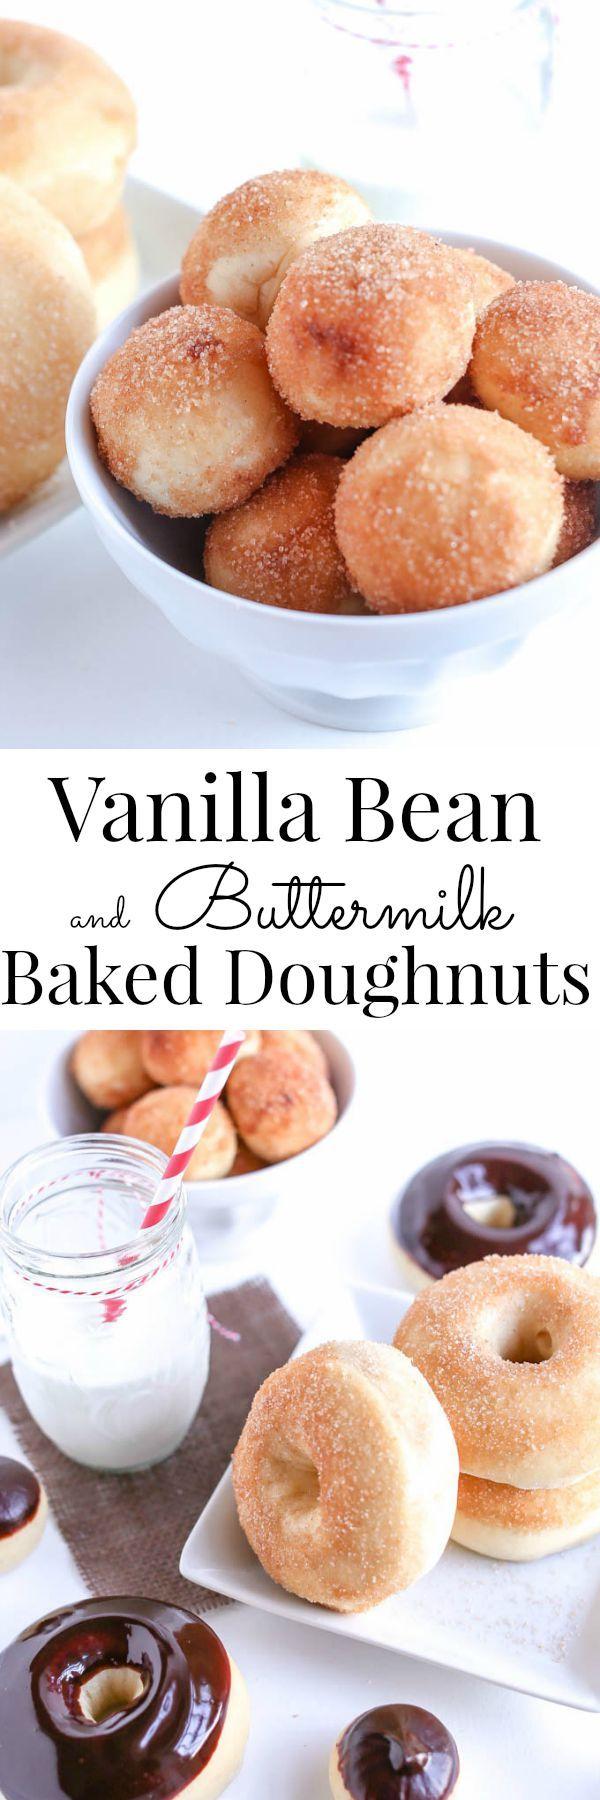 Vanilla Bean and Buttermilk Baked Doughnuts *No Doughnut Pan Needed | Vanilla And Bean